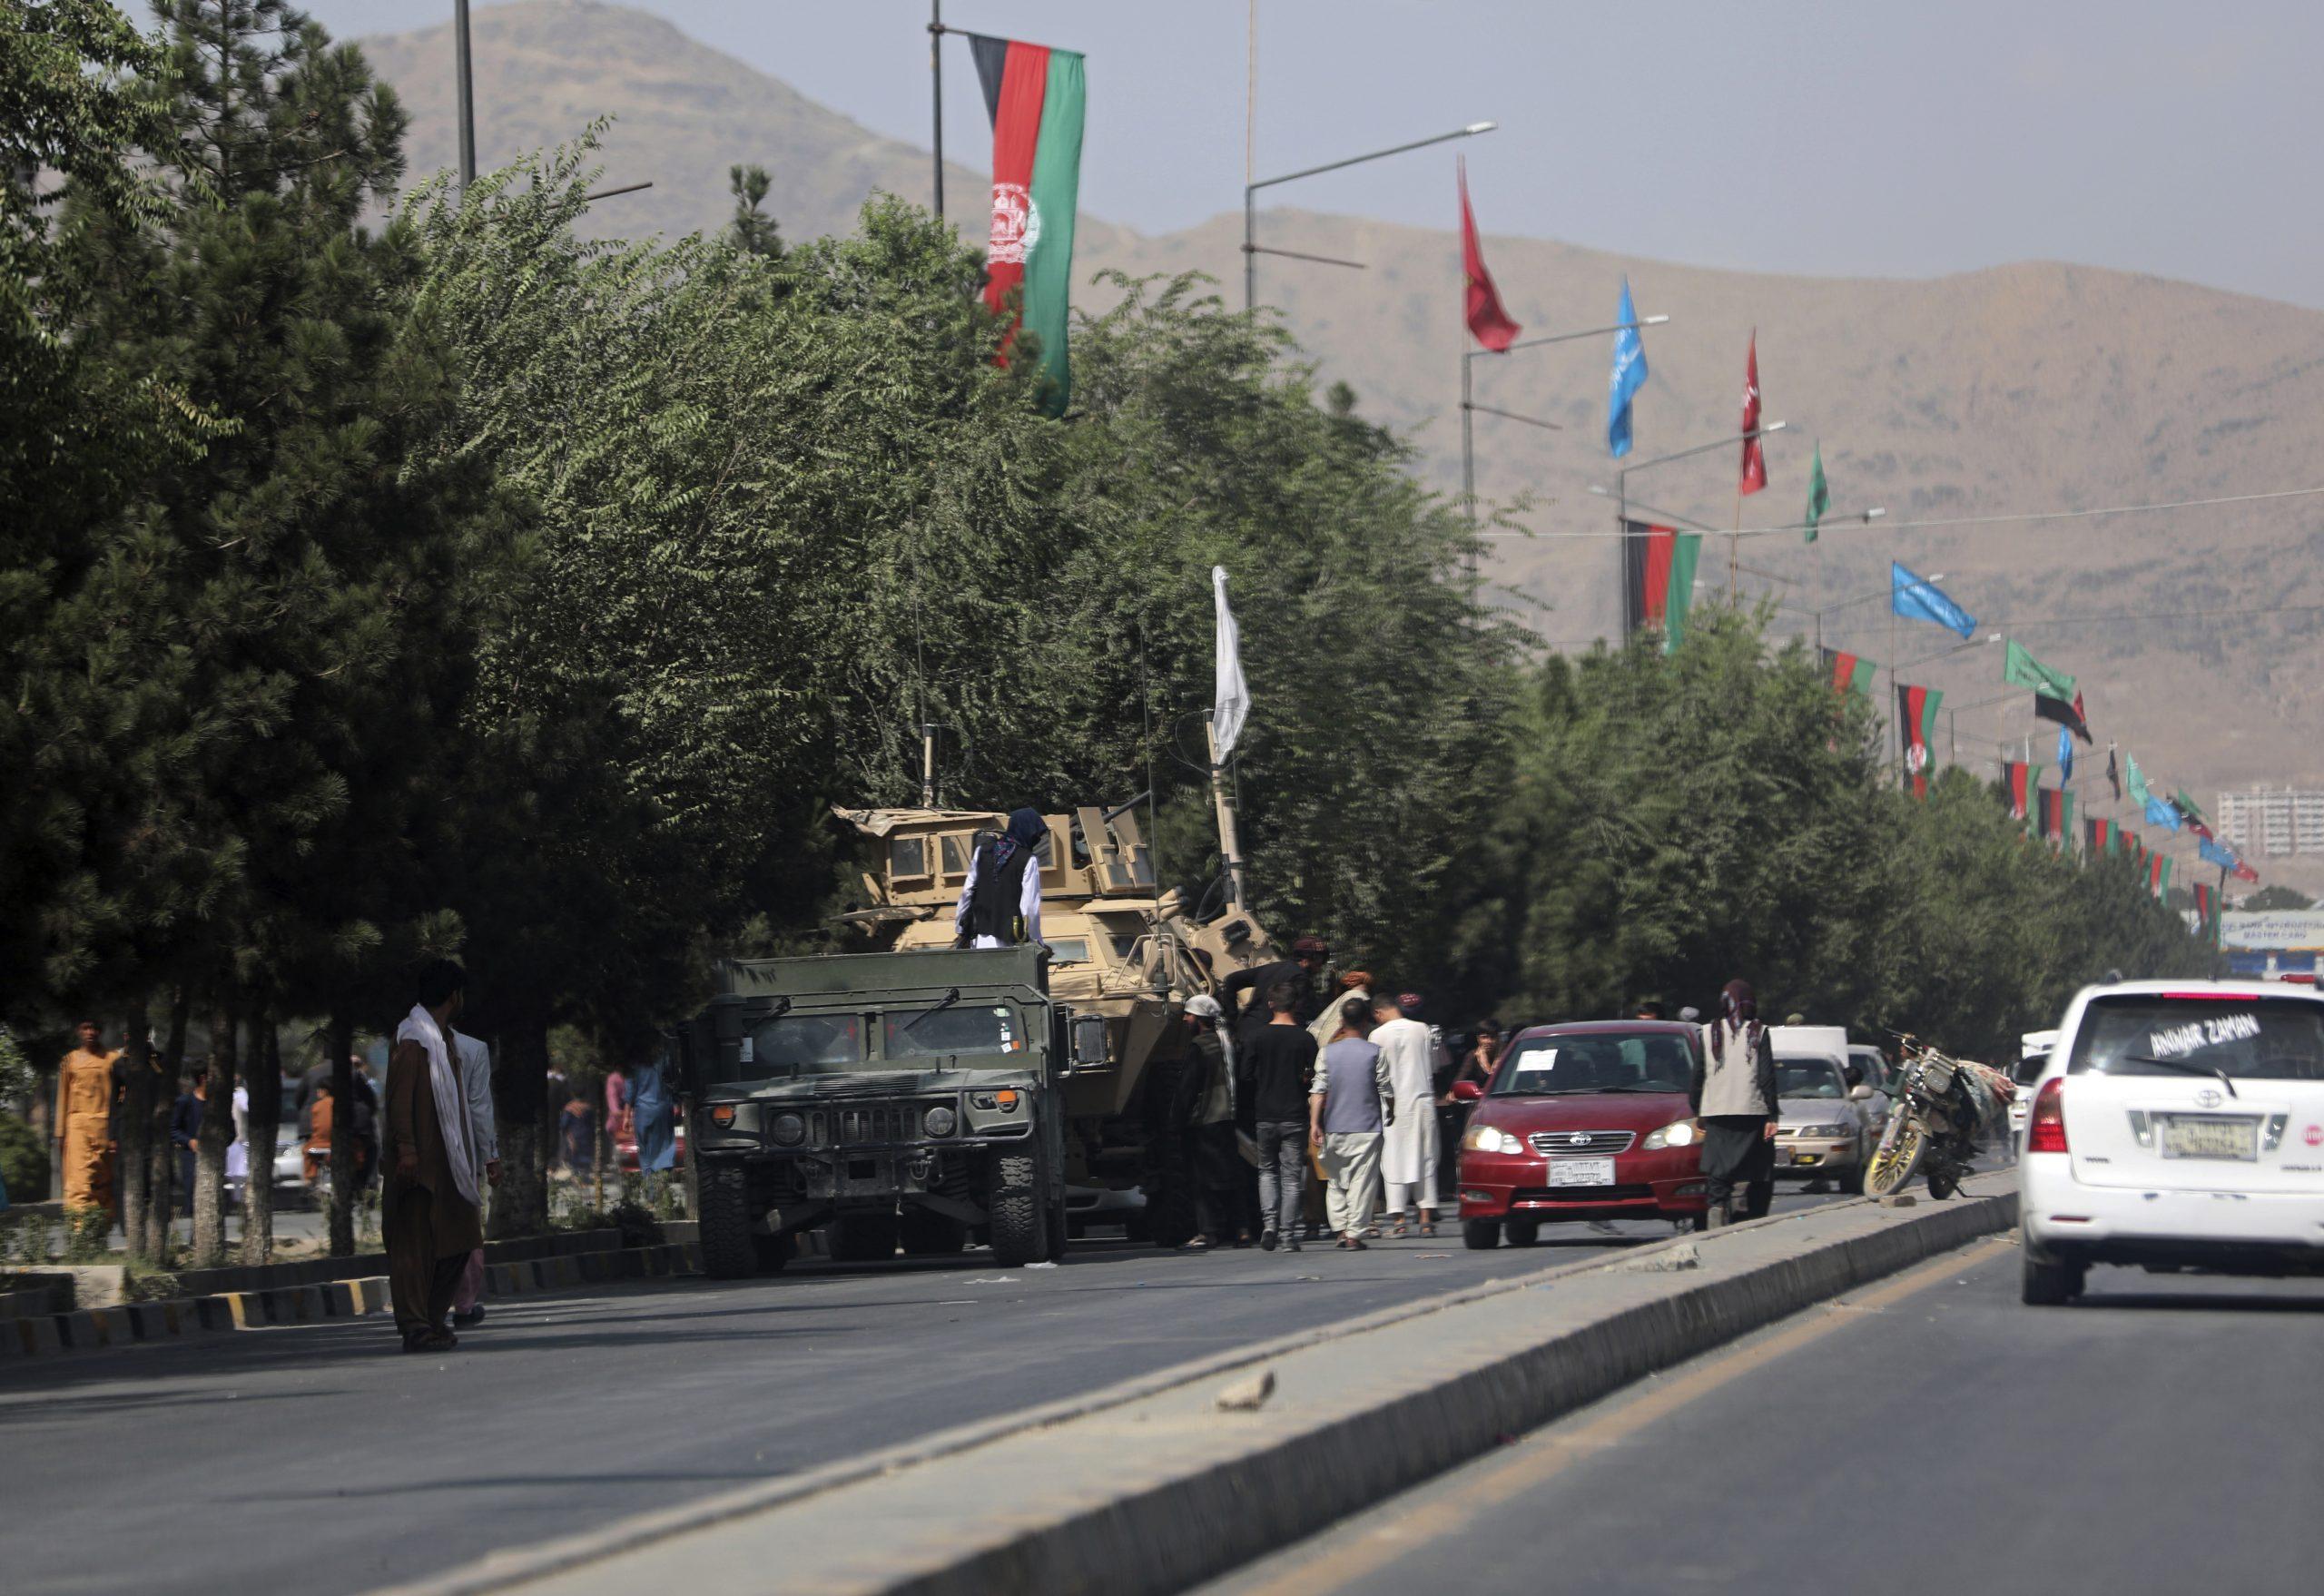 Об'єднання письменників PEN просить в США надати прихисток переселенцям з Афганістану